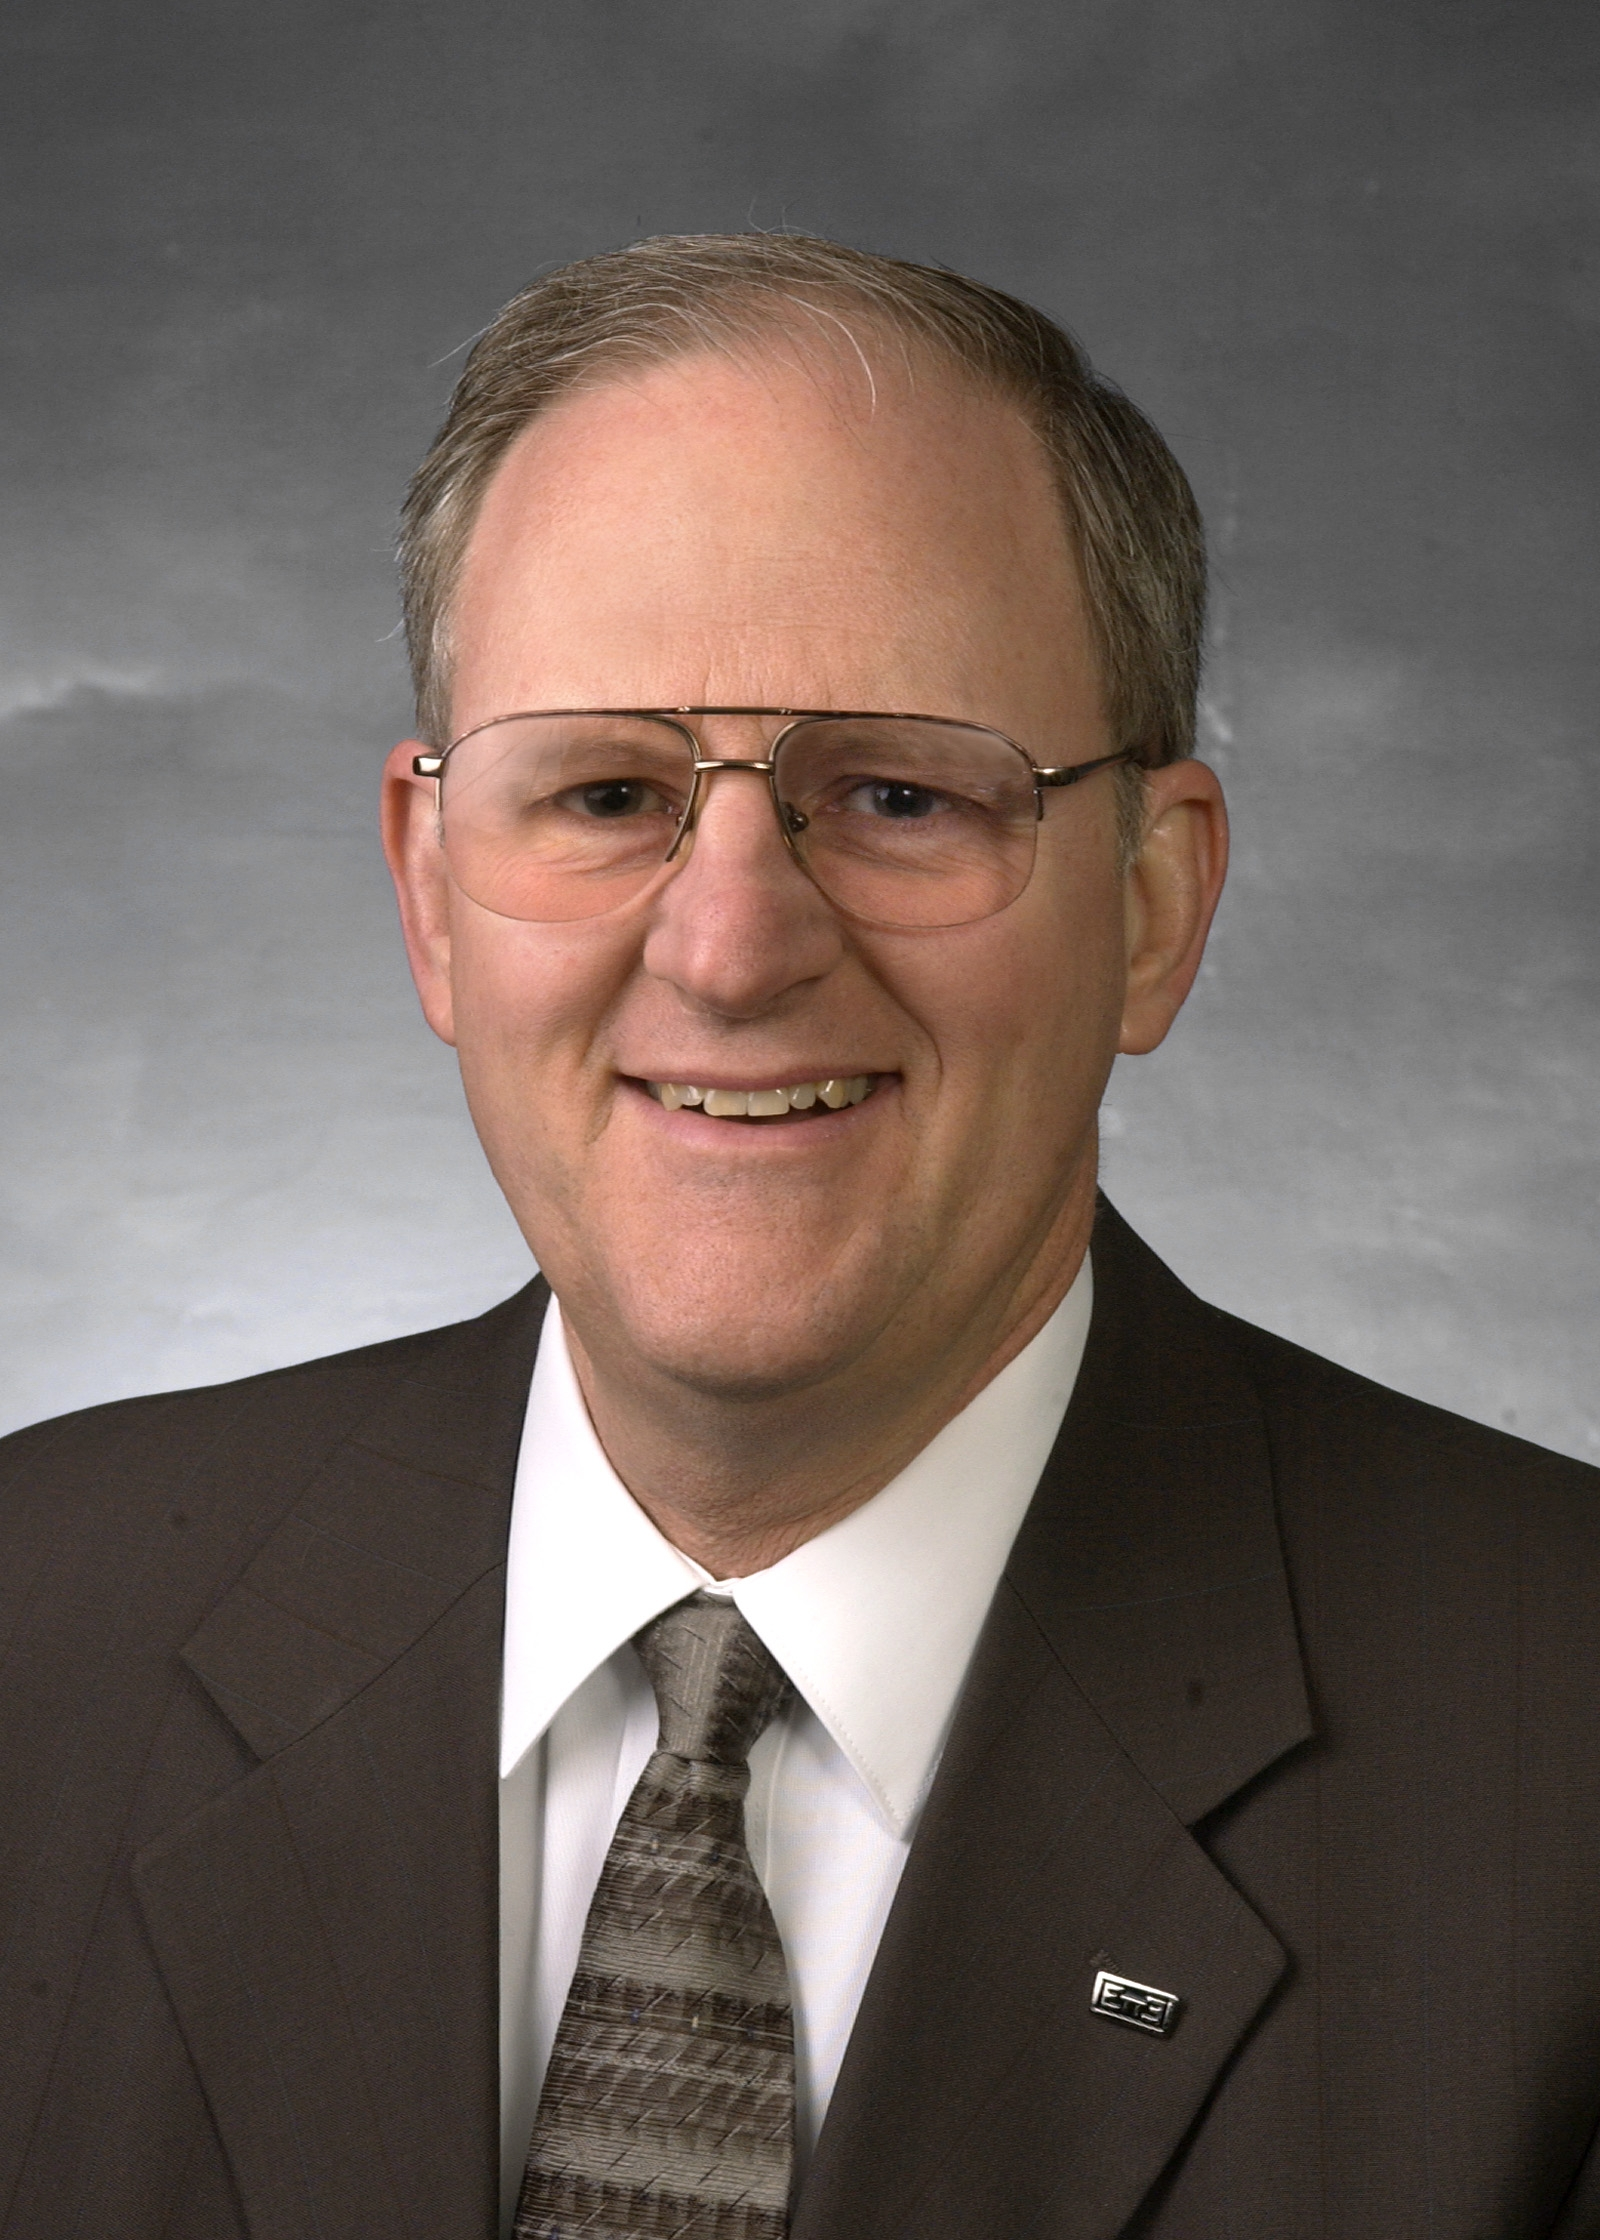 David L. Kooyman